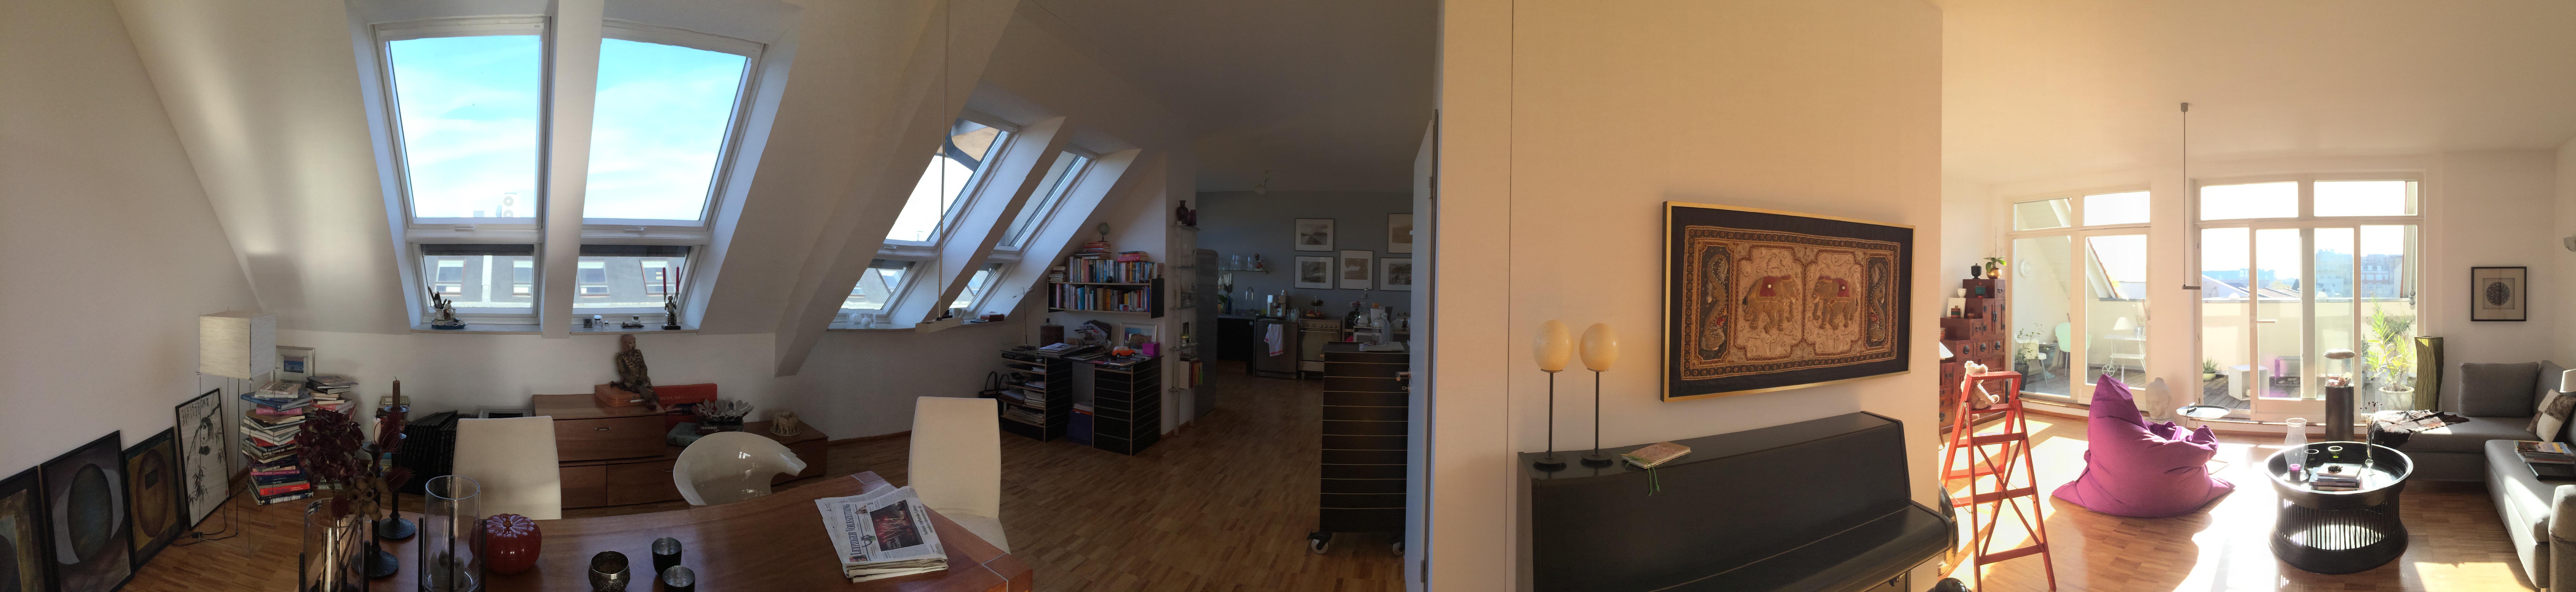 Wohnzimmer, Esszimmer, Küche, das HIP schon fast auf einen Blick